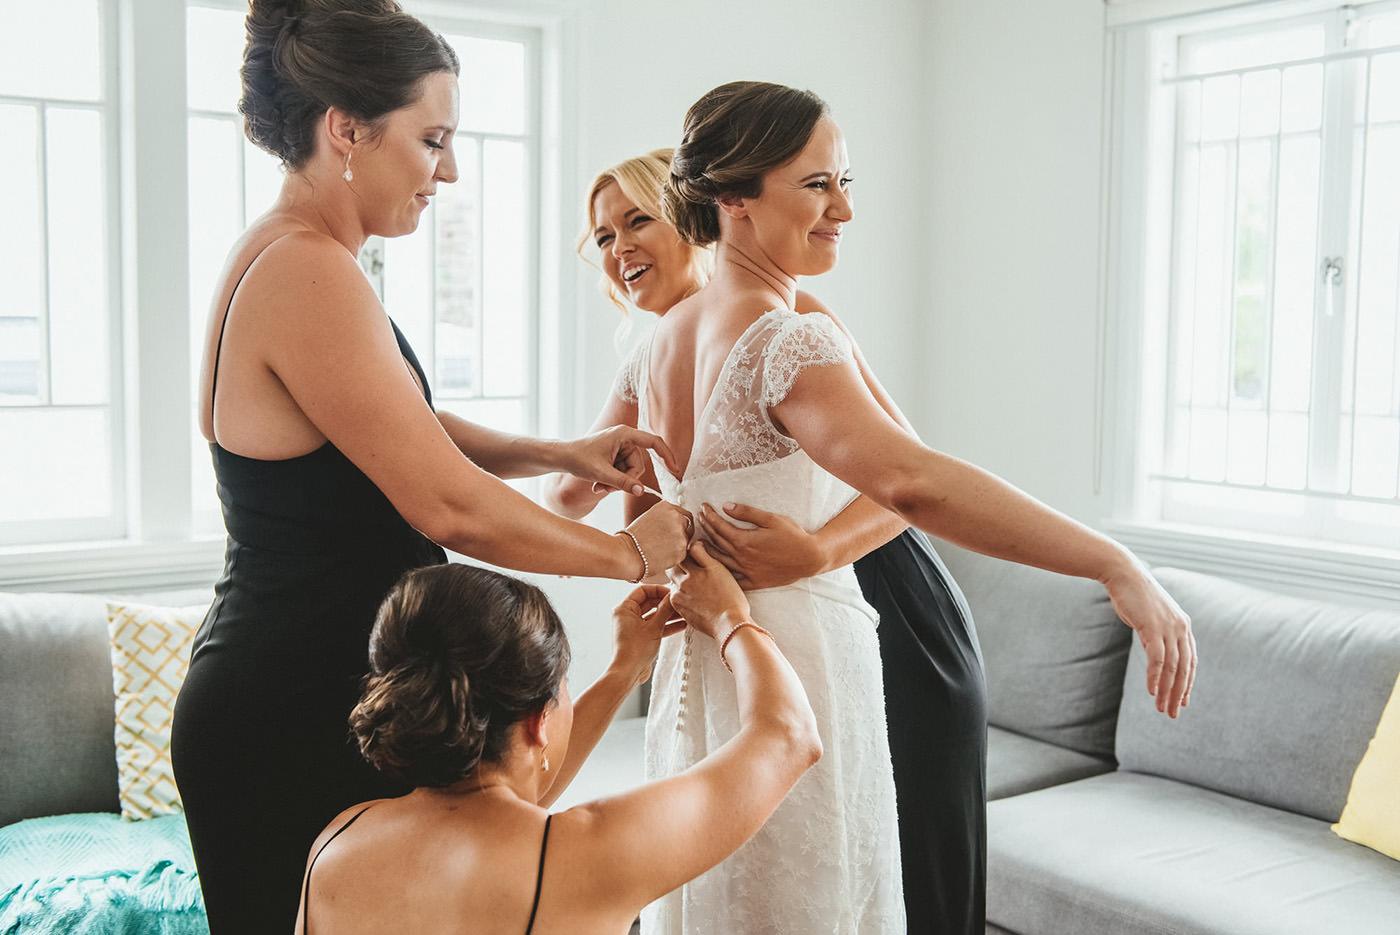 Bride gets in her wedding dress